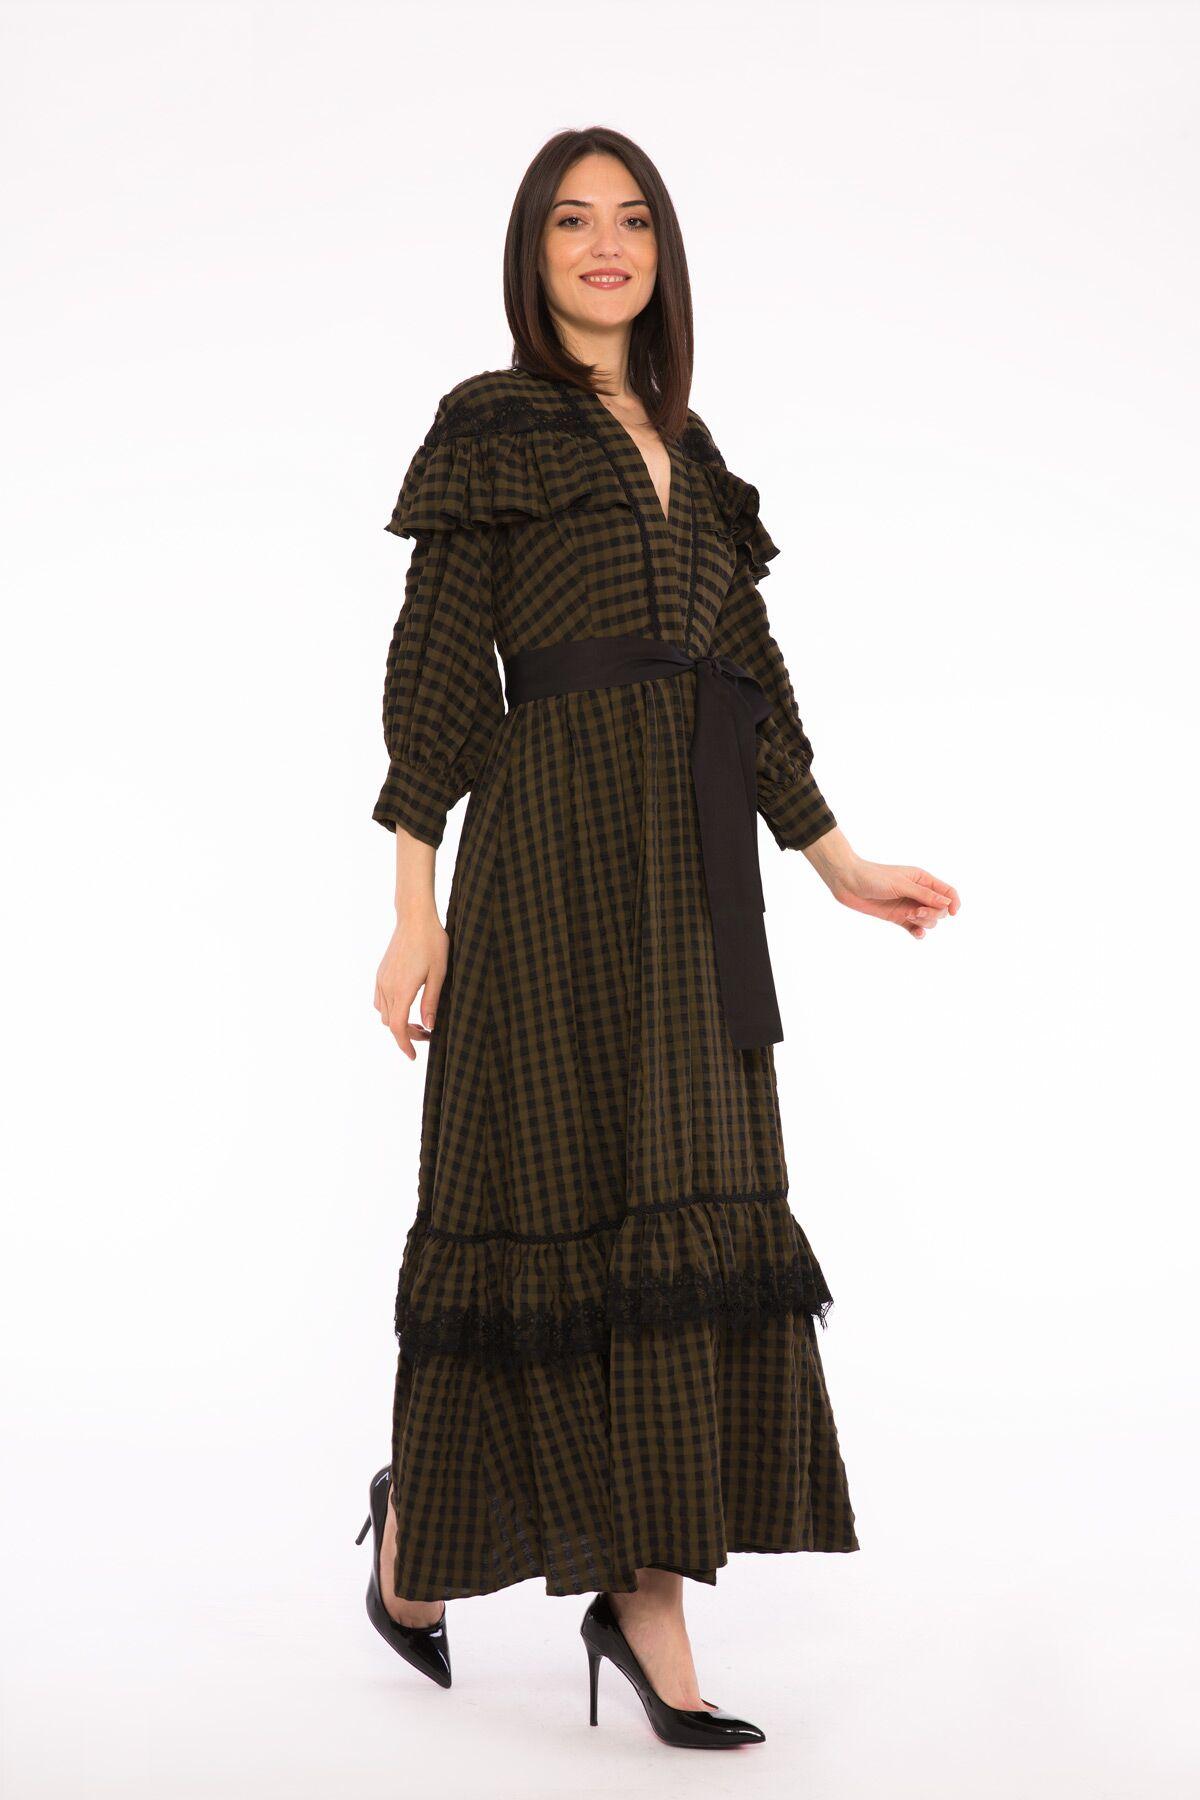 Dantel, Fırfır Detaylı, Kemerli Ekose Büzgülü Maxi Elbise